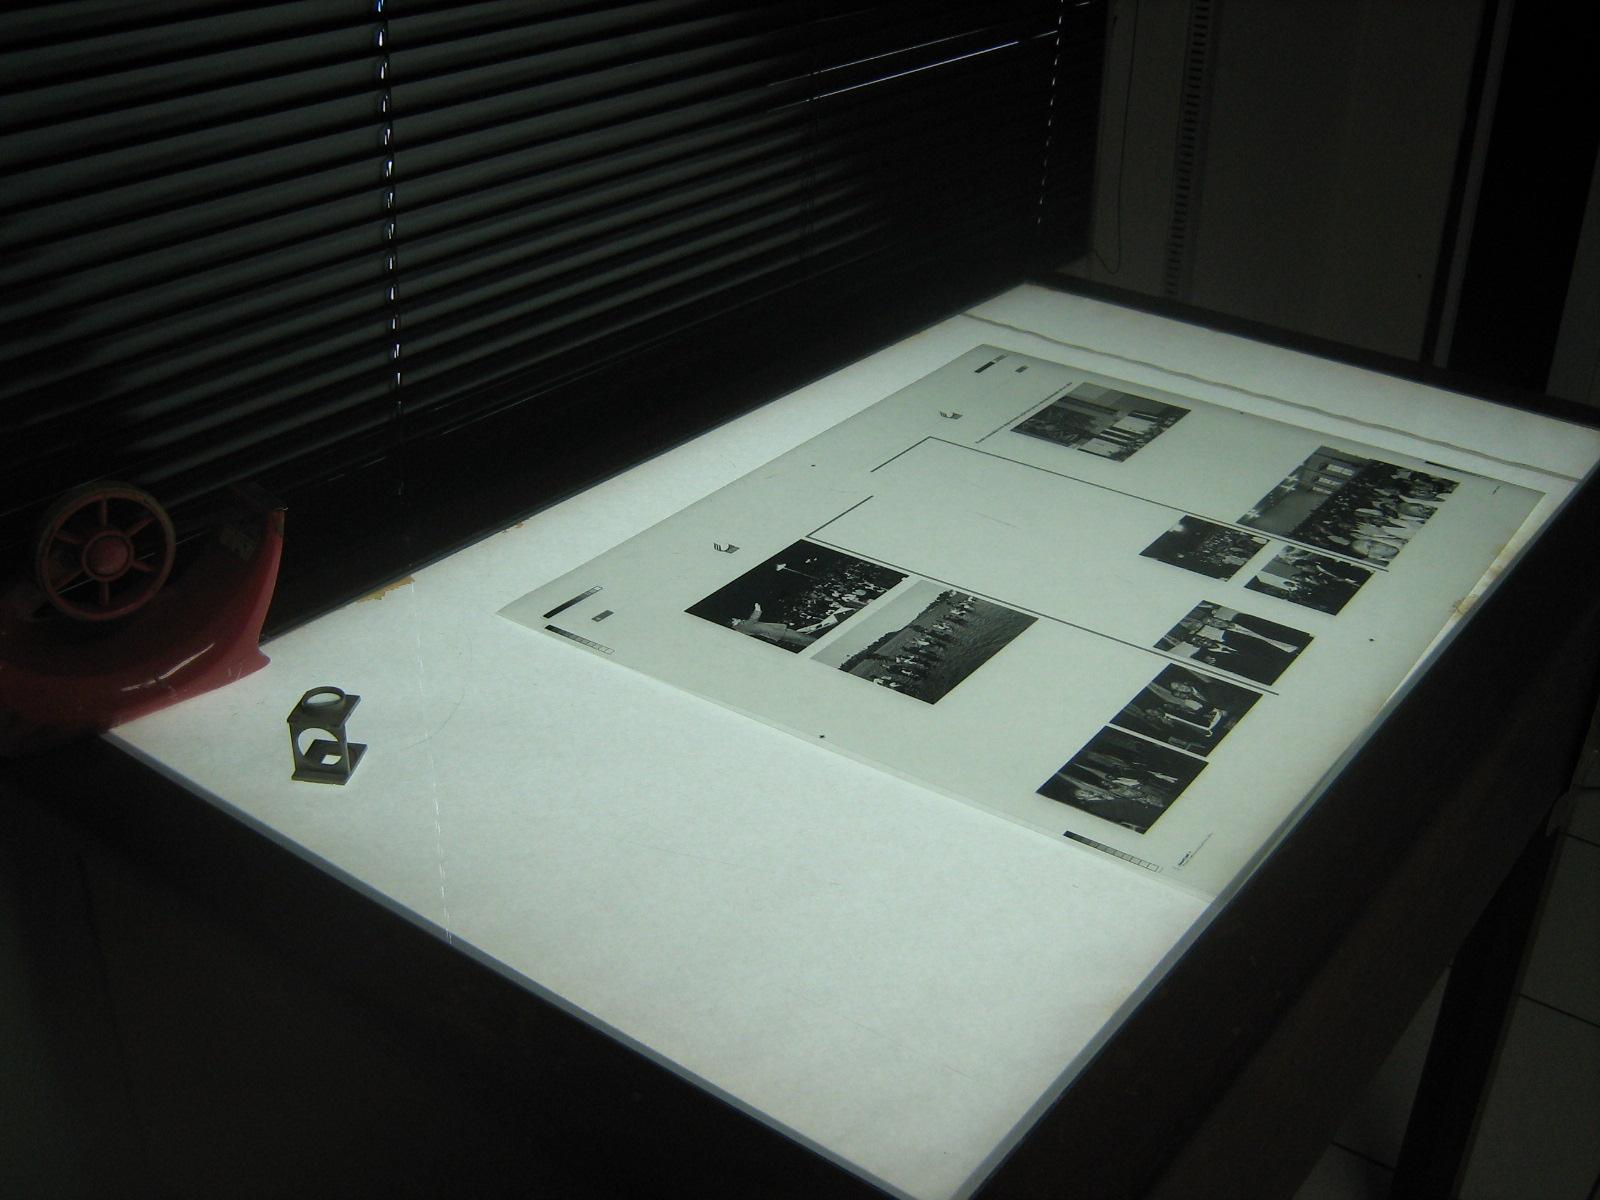 Exemplo de um fotolito pronto para ser utilizado em uma tela de serigrafia.